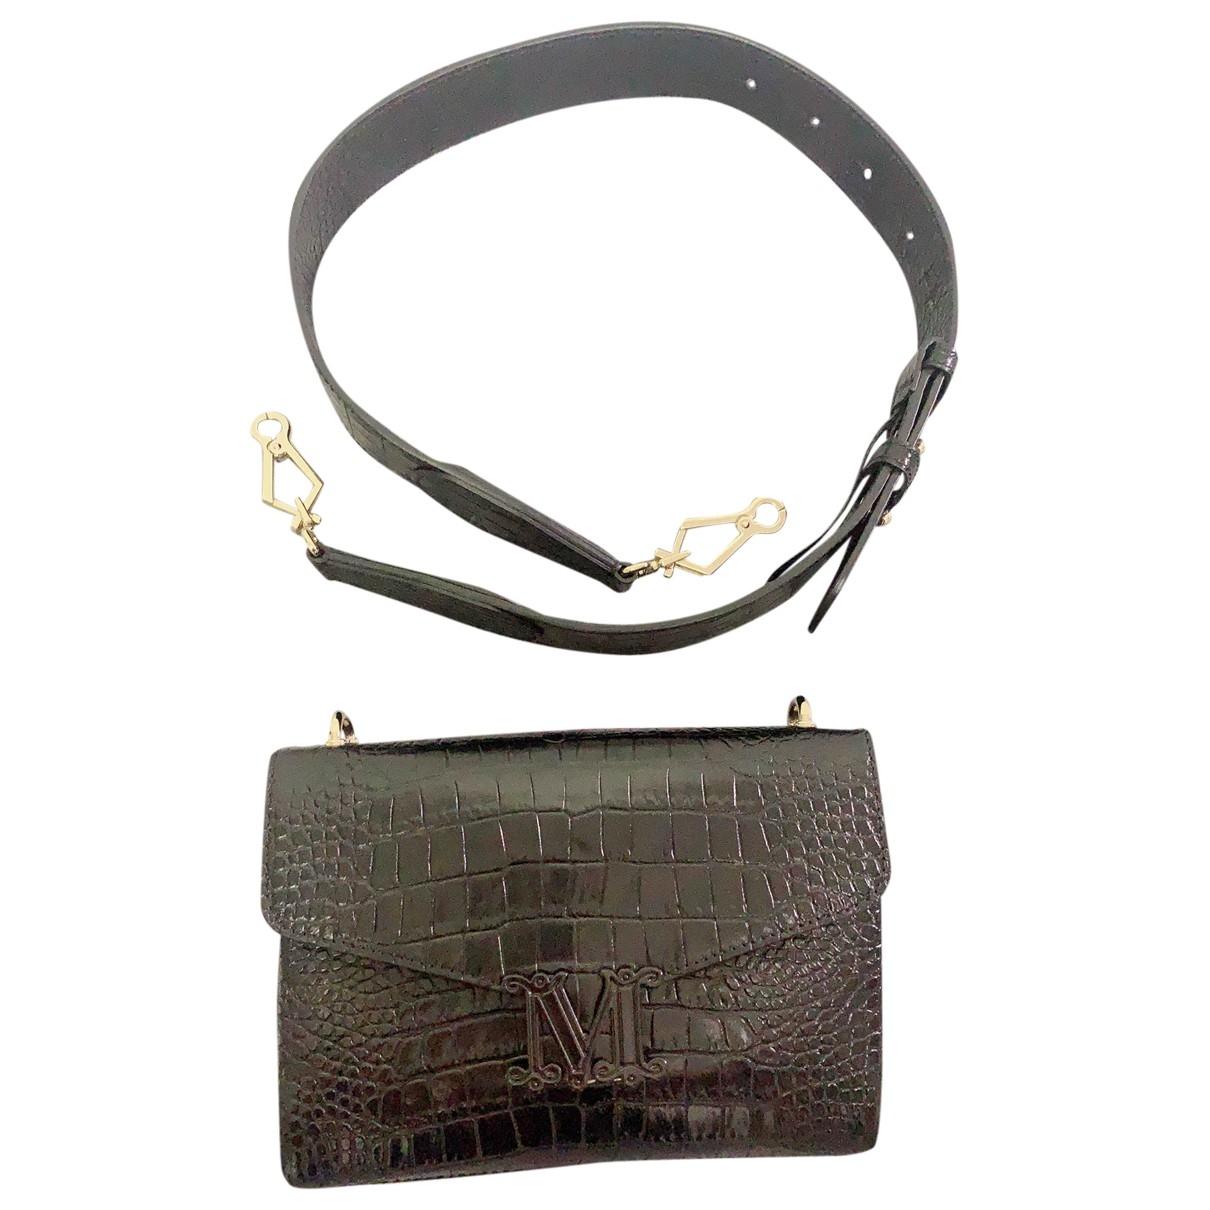 Max Mara \N Black Leather Clutch bag for Women \N